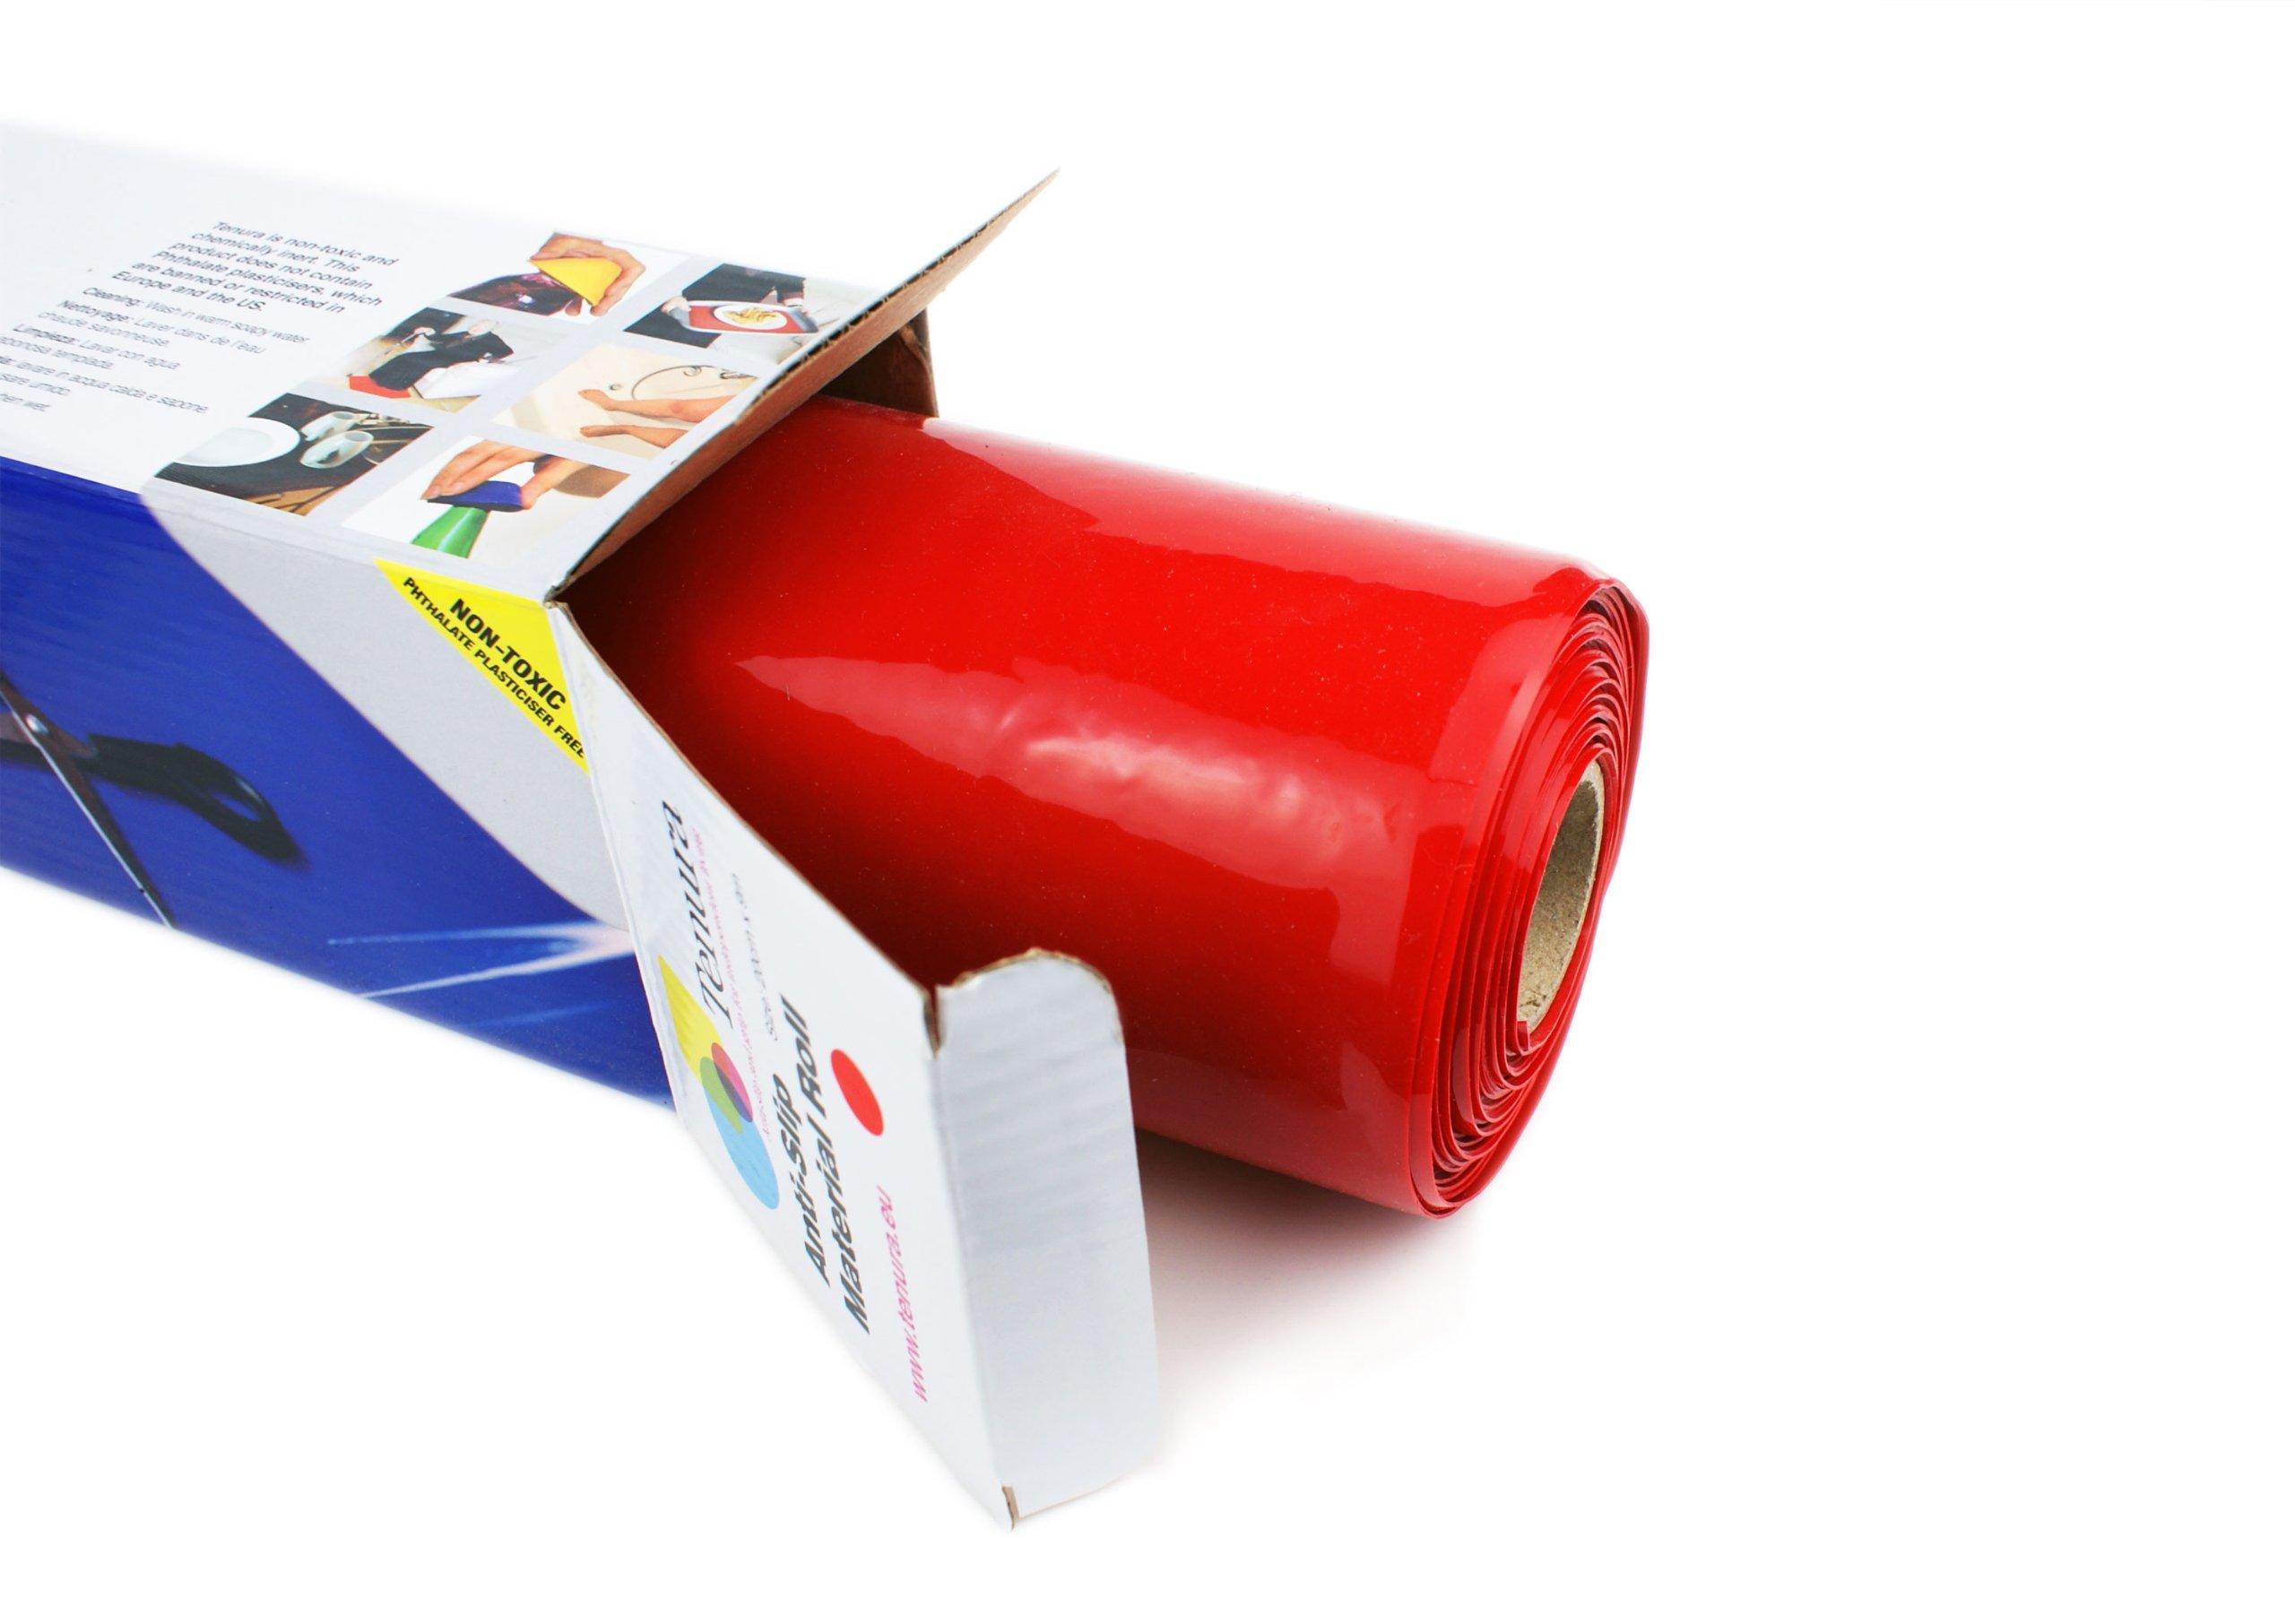 Tenura 75376-1301 Red Silicone Non-Slip Roll, 3-1/5' Length x 11-4/5 Width